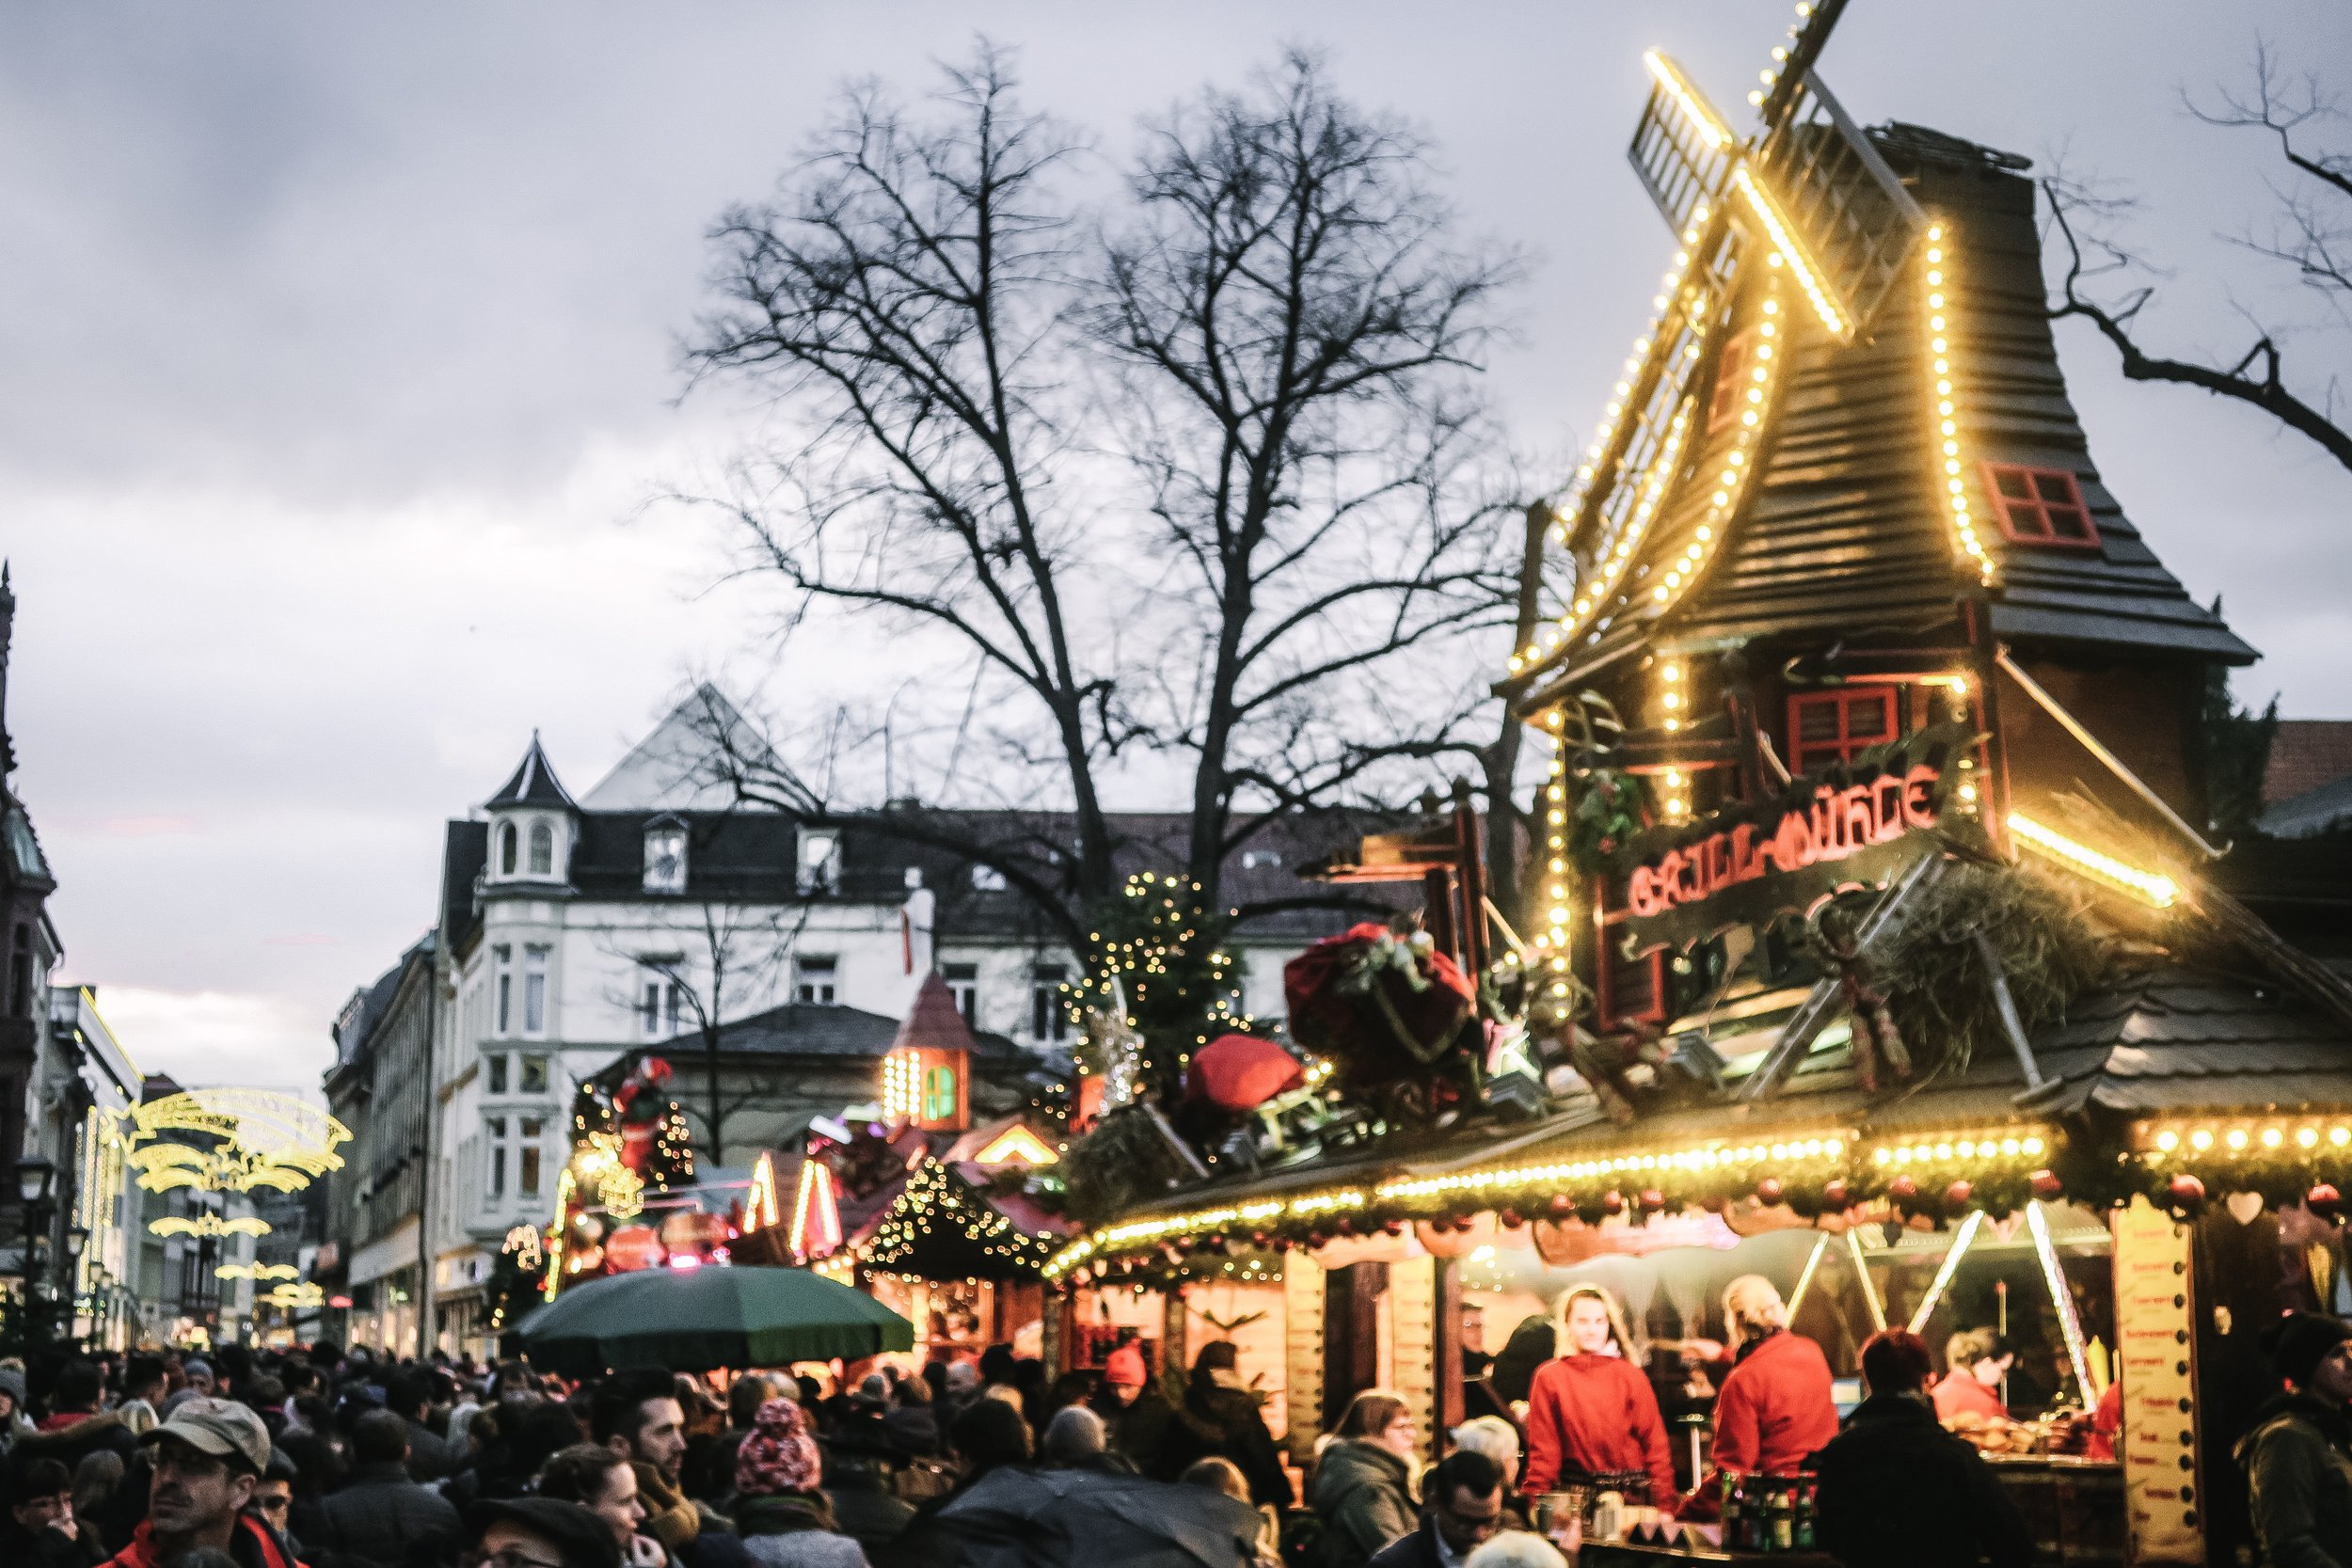 IMG 2228 - Um mini guia para mercados de Natal na Alemanha